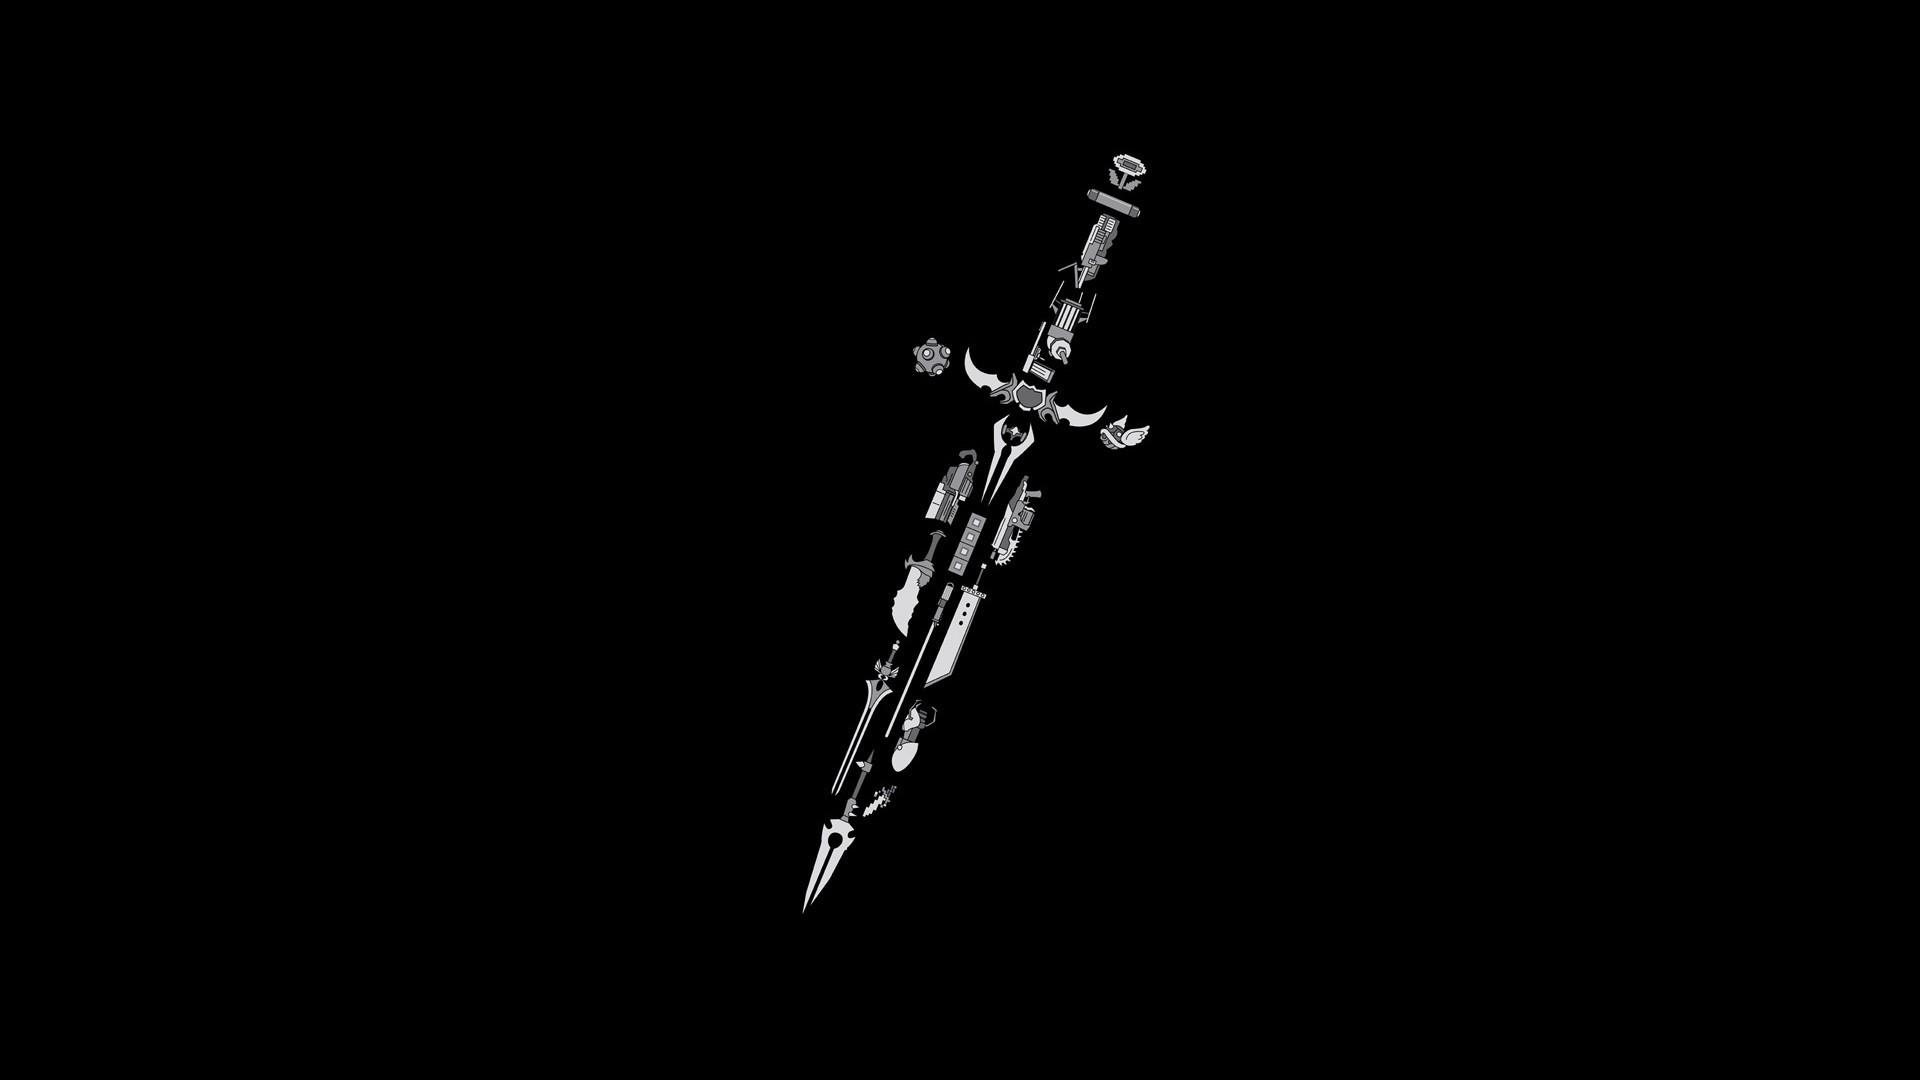 Final Fantasy sword HD Wallpaper 1920x1080 1920x1080